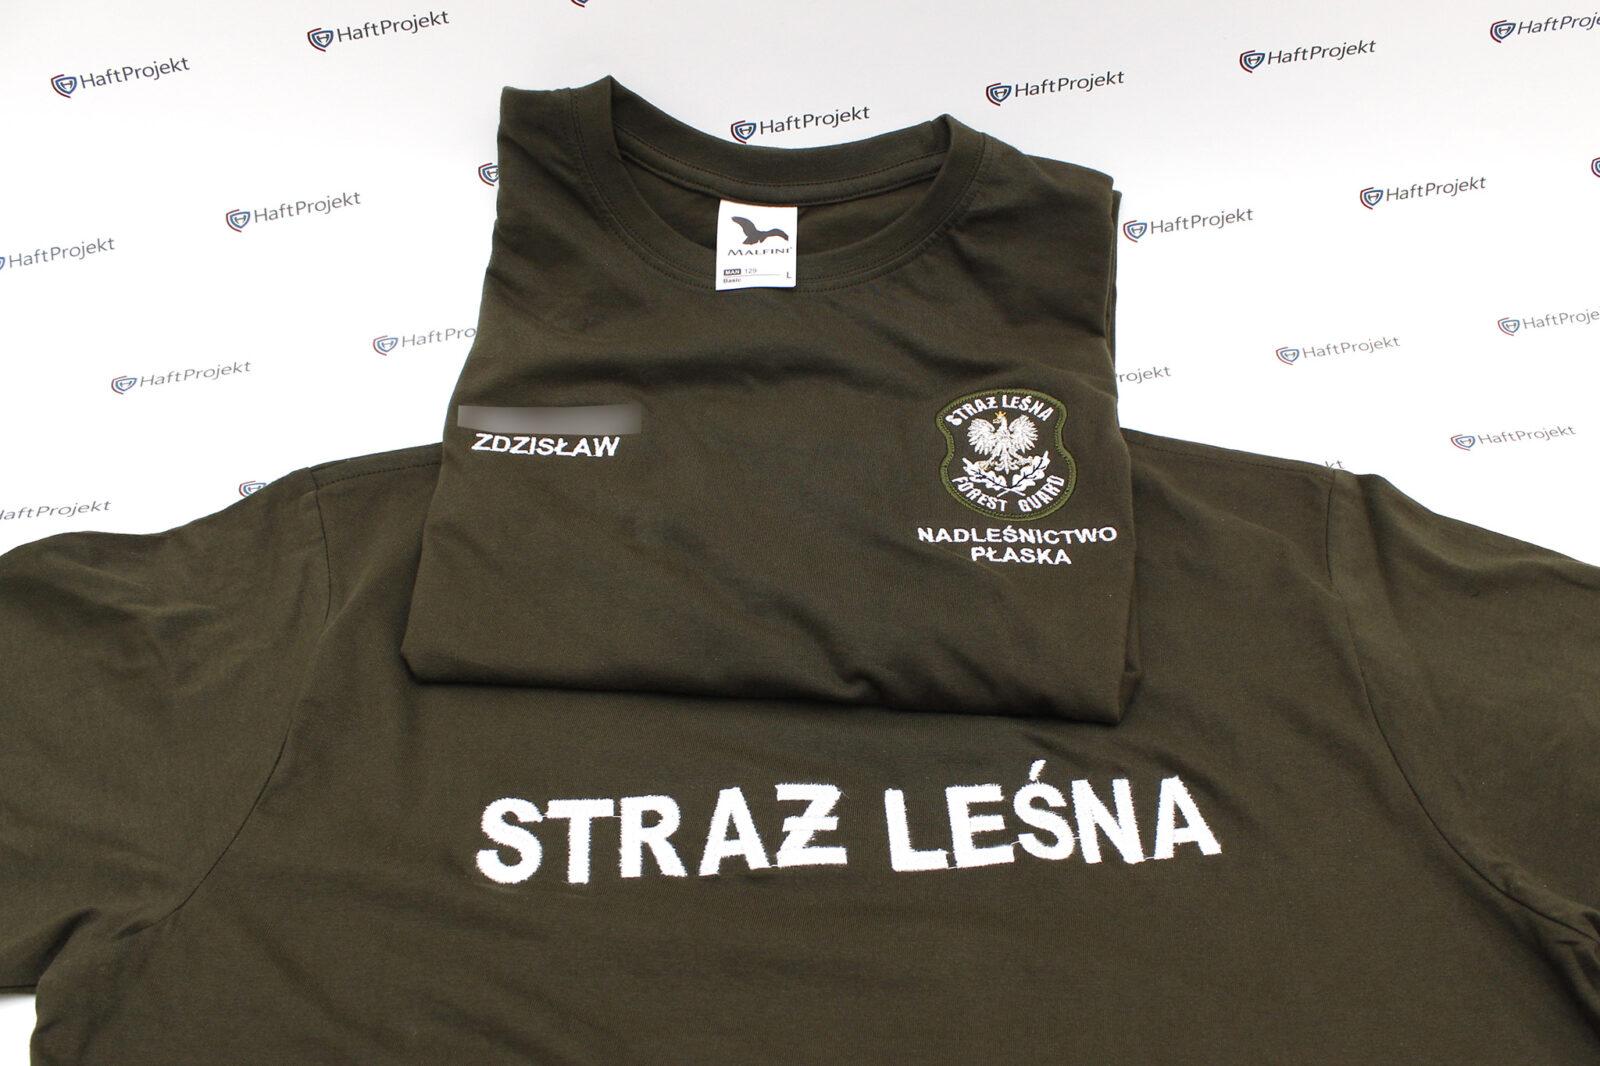 Odzież haftowana dla Straży Leśnej